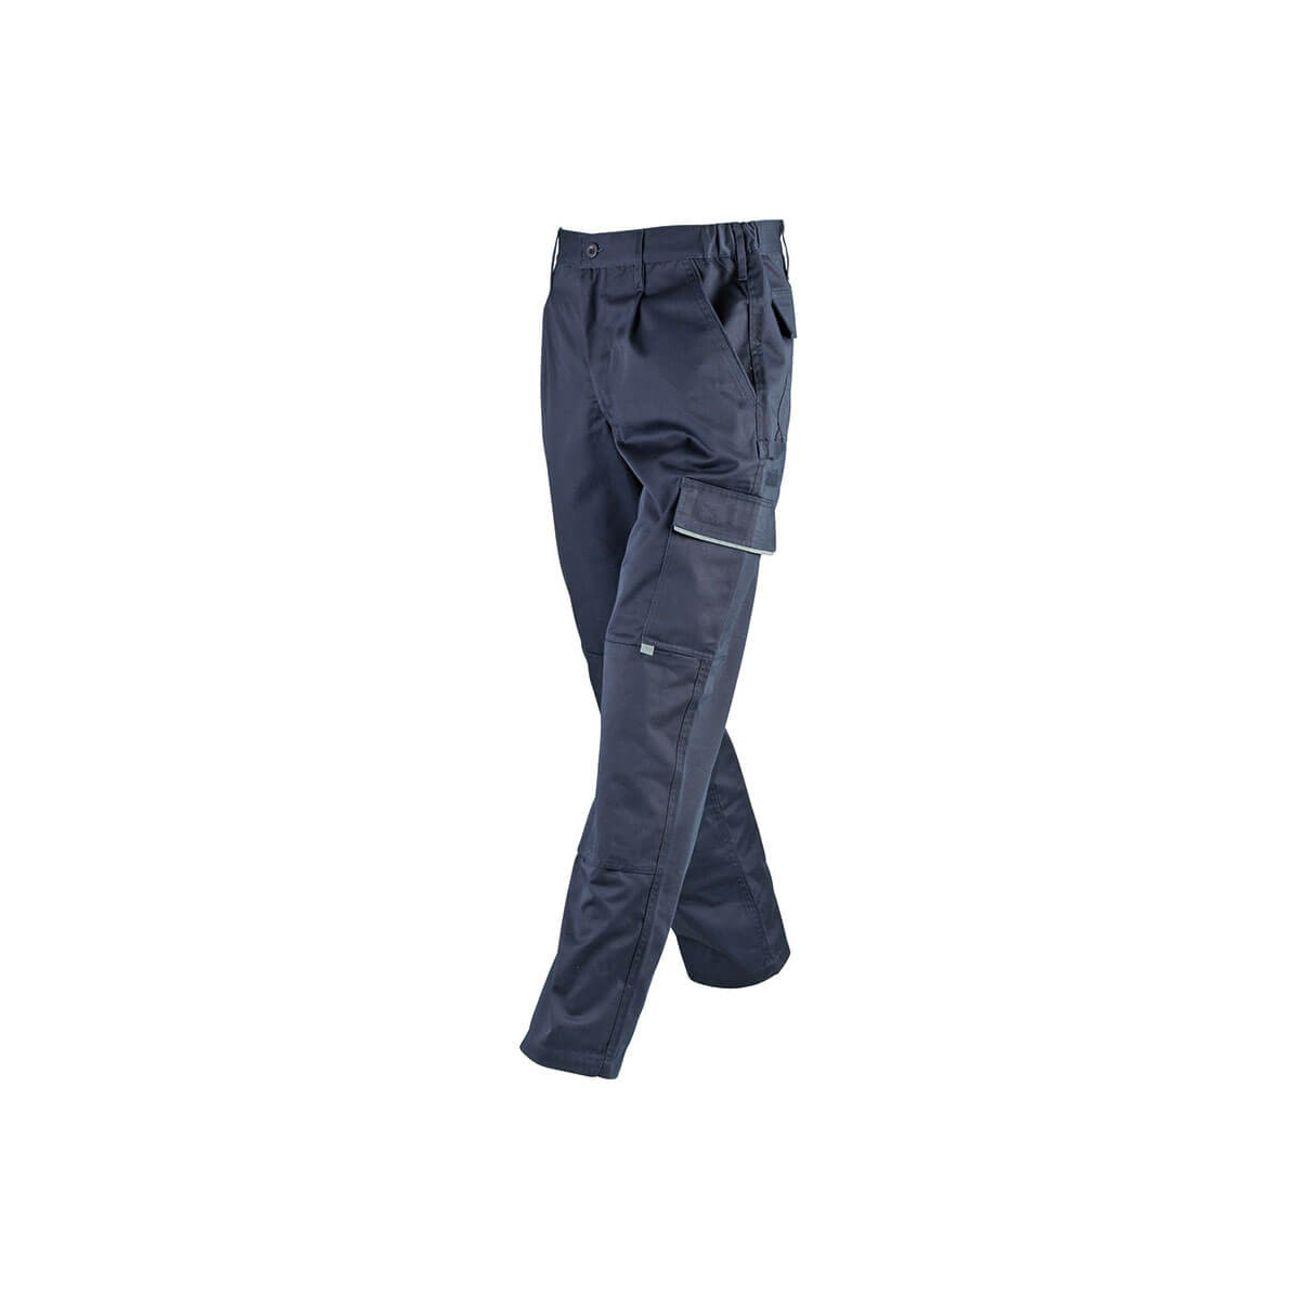 Randonnée pédestre homme MYRTLE BEACH • Pantalons de travail • Déperlants  et antitache (600 mm ... e7abfc5acf8